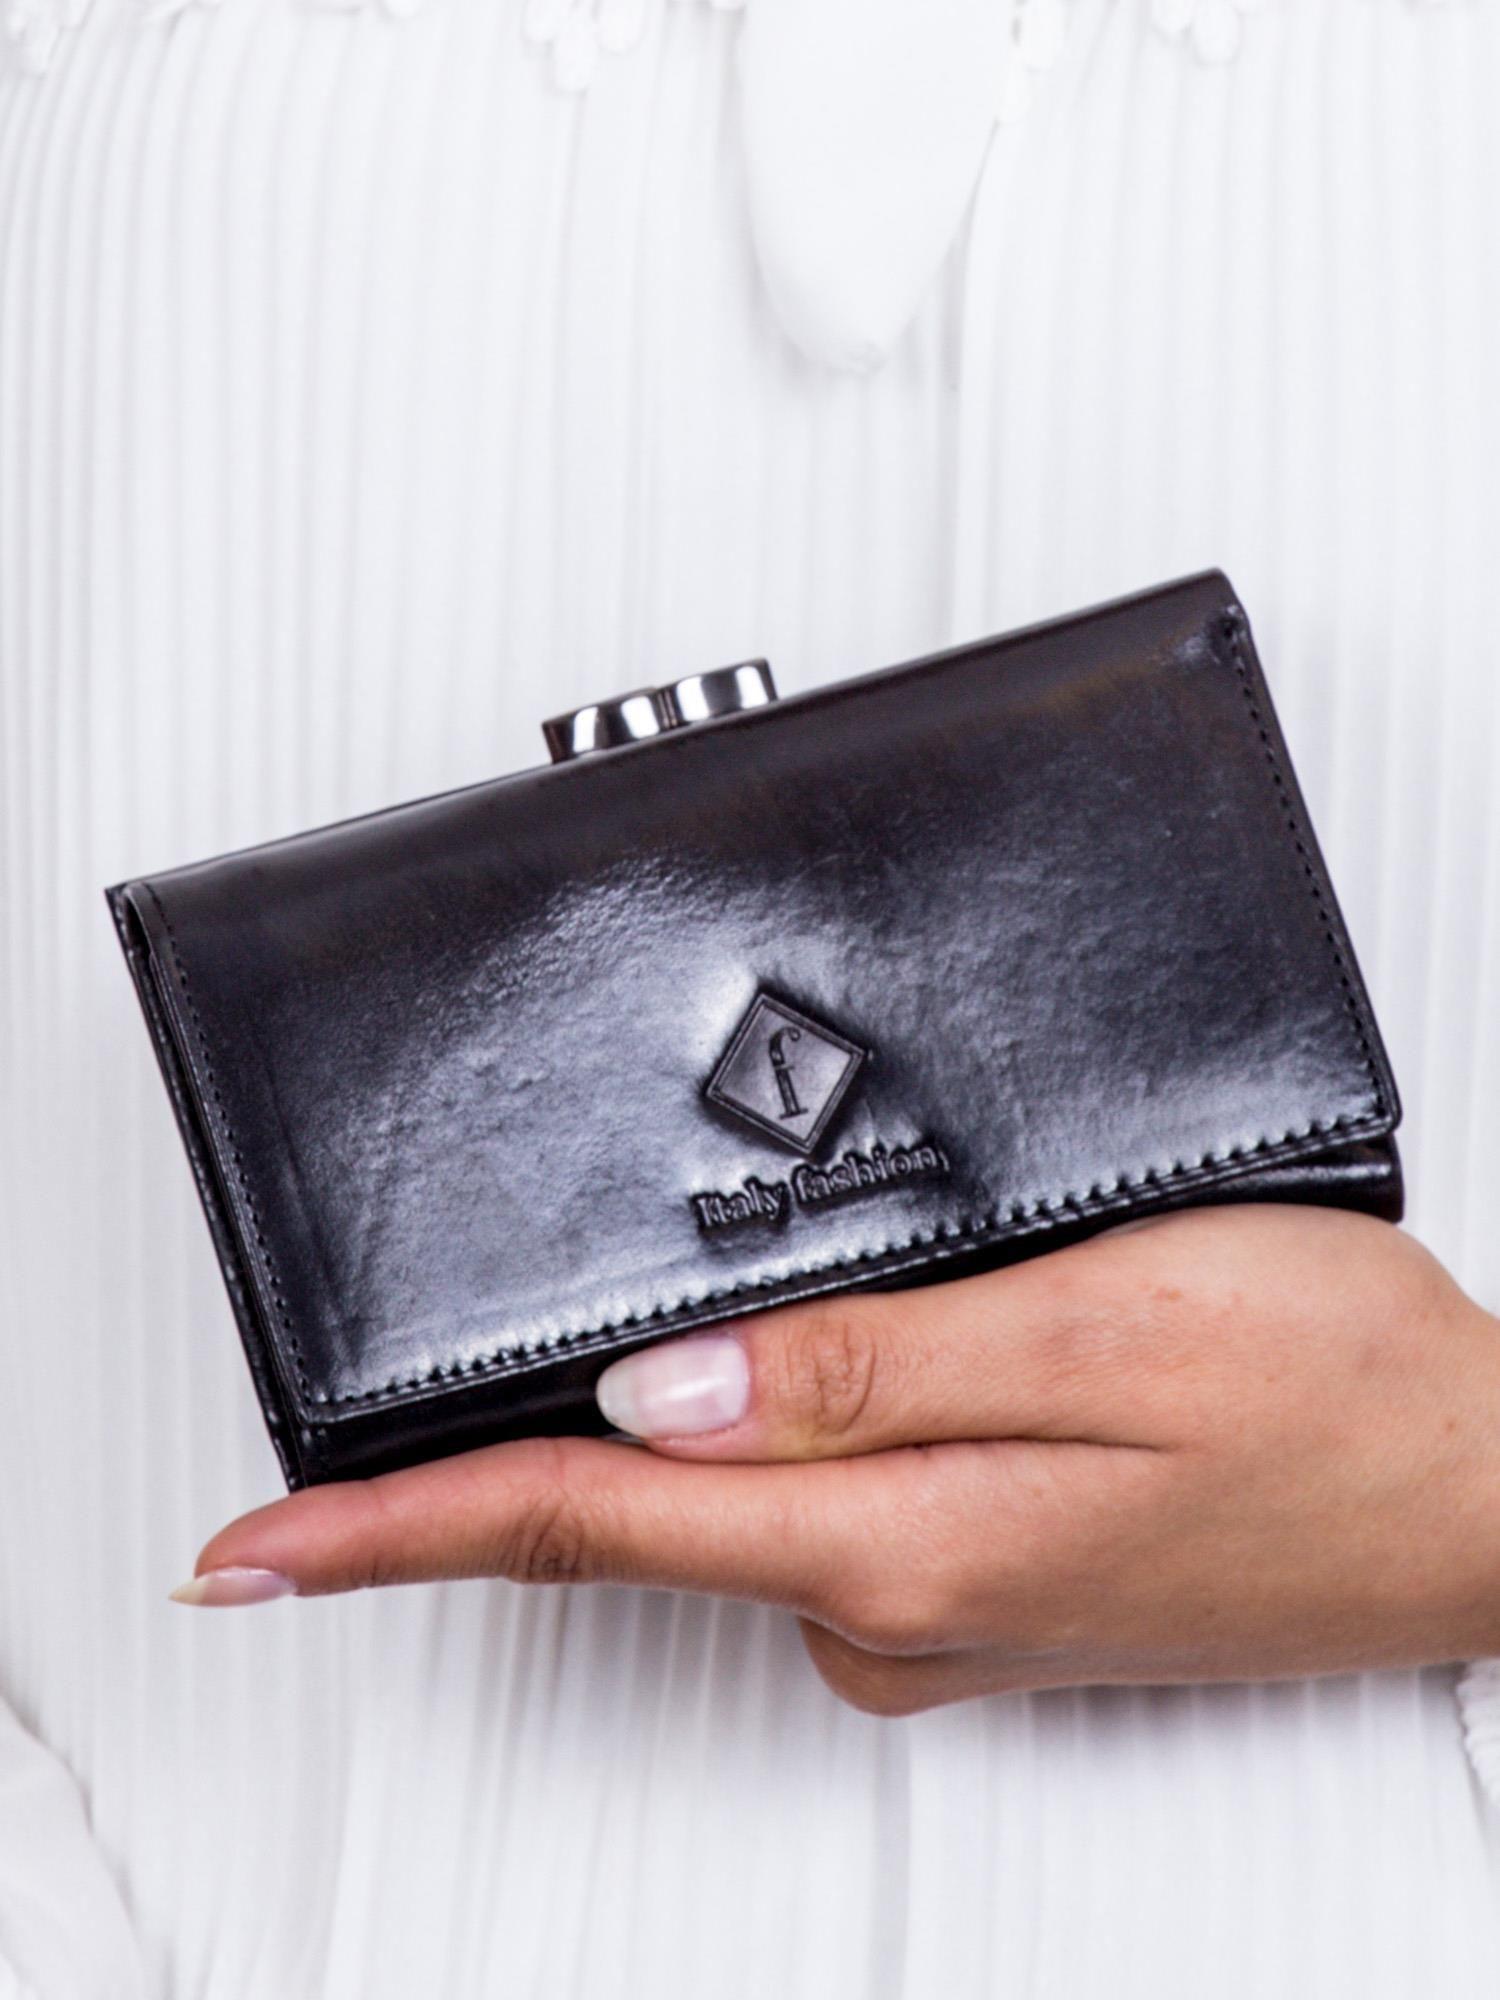 e211719d127b7 Czarny portfel damski z tłoczeniem - Akcesoria portfele - sklep ...